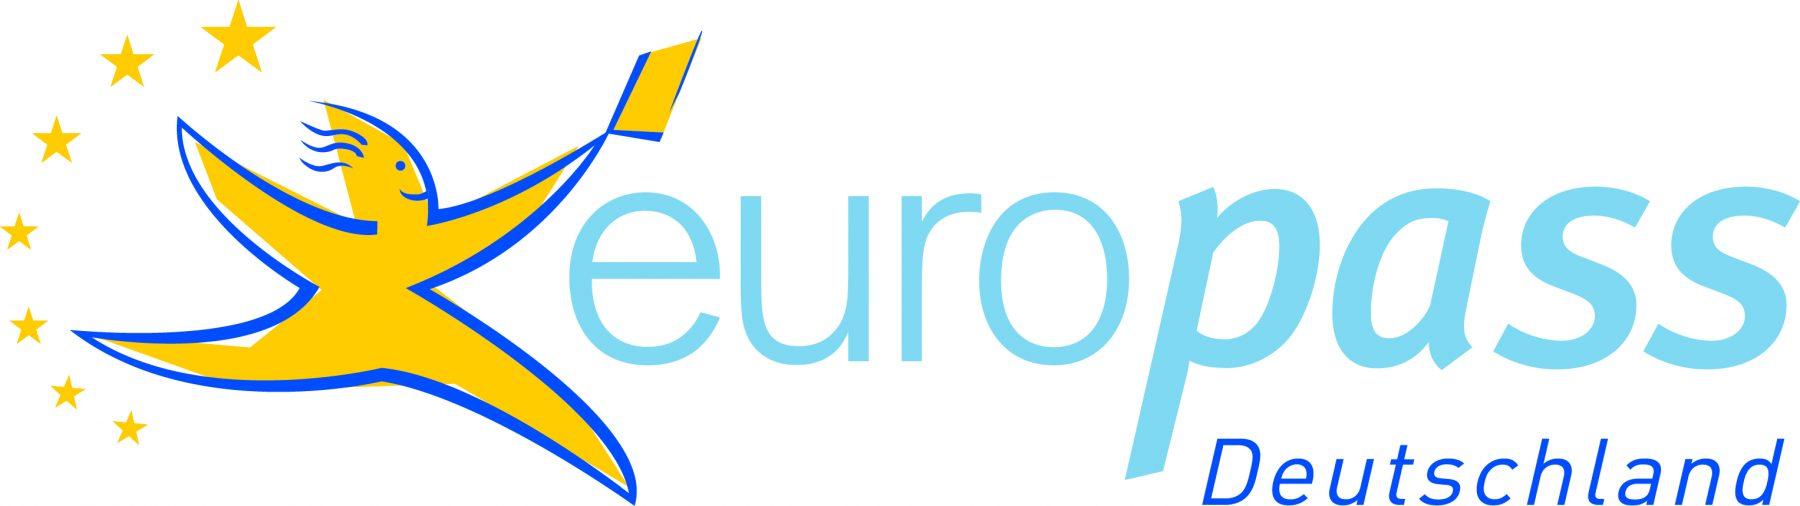 Das Logo sorgt für die europaweite Wiedererkennbarkeit der Europass-Dokumente.